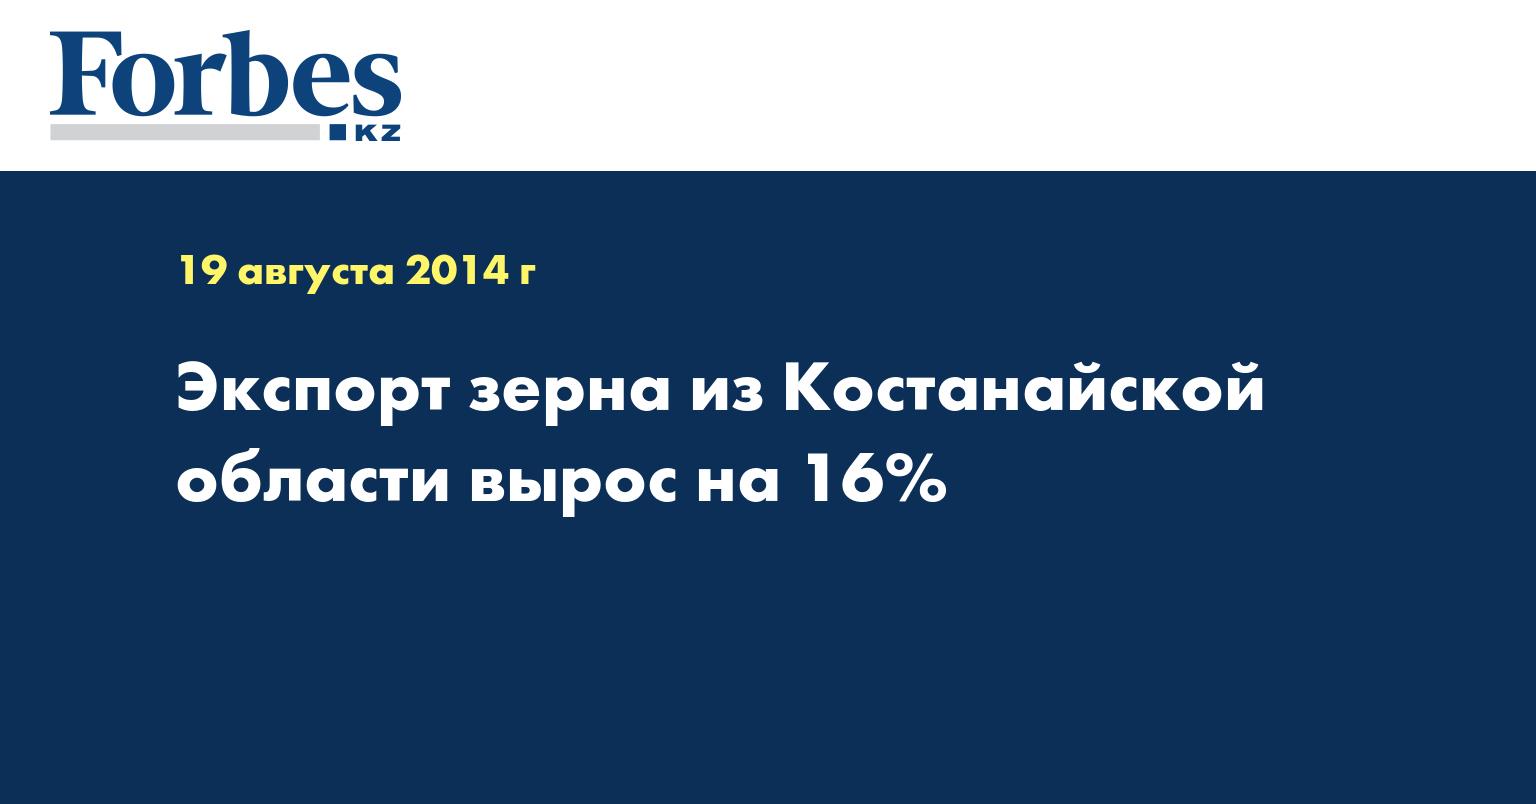 Новости россии о донбассе последние события